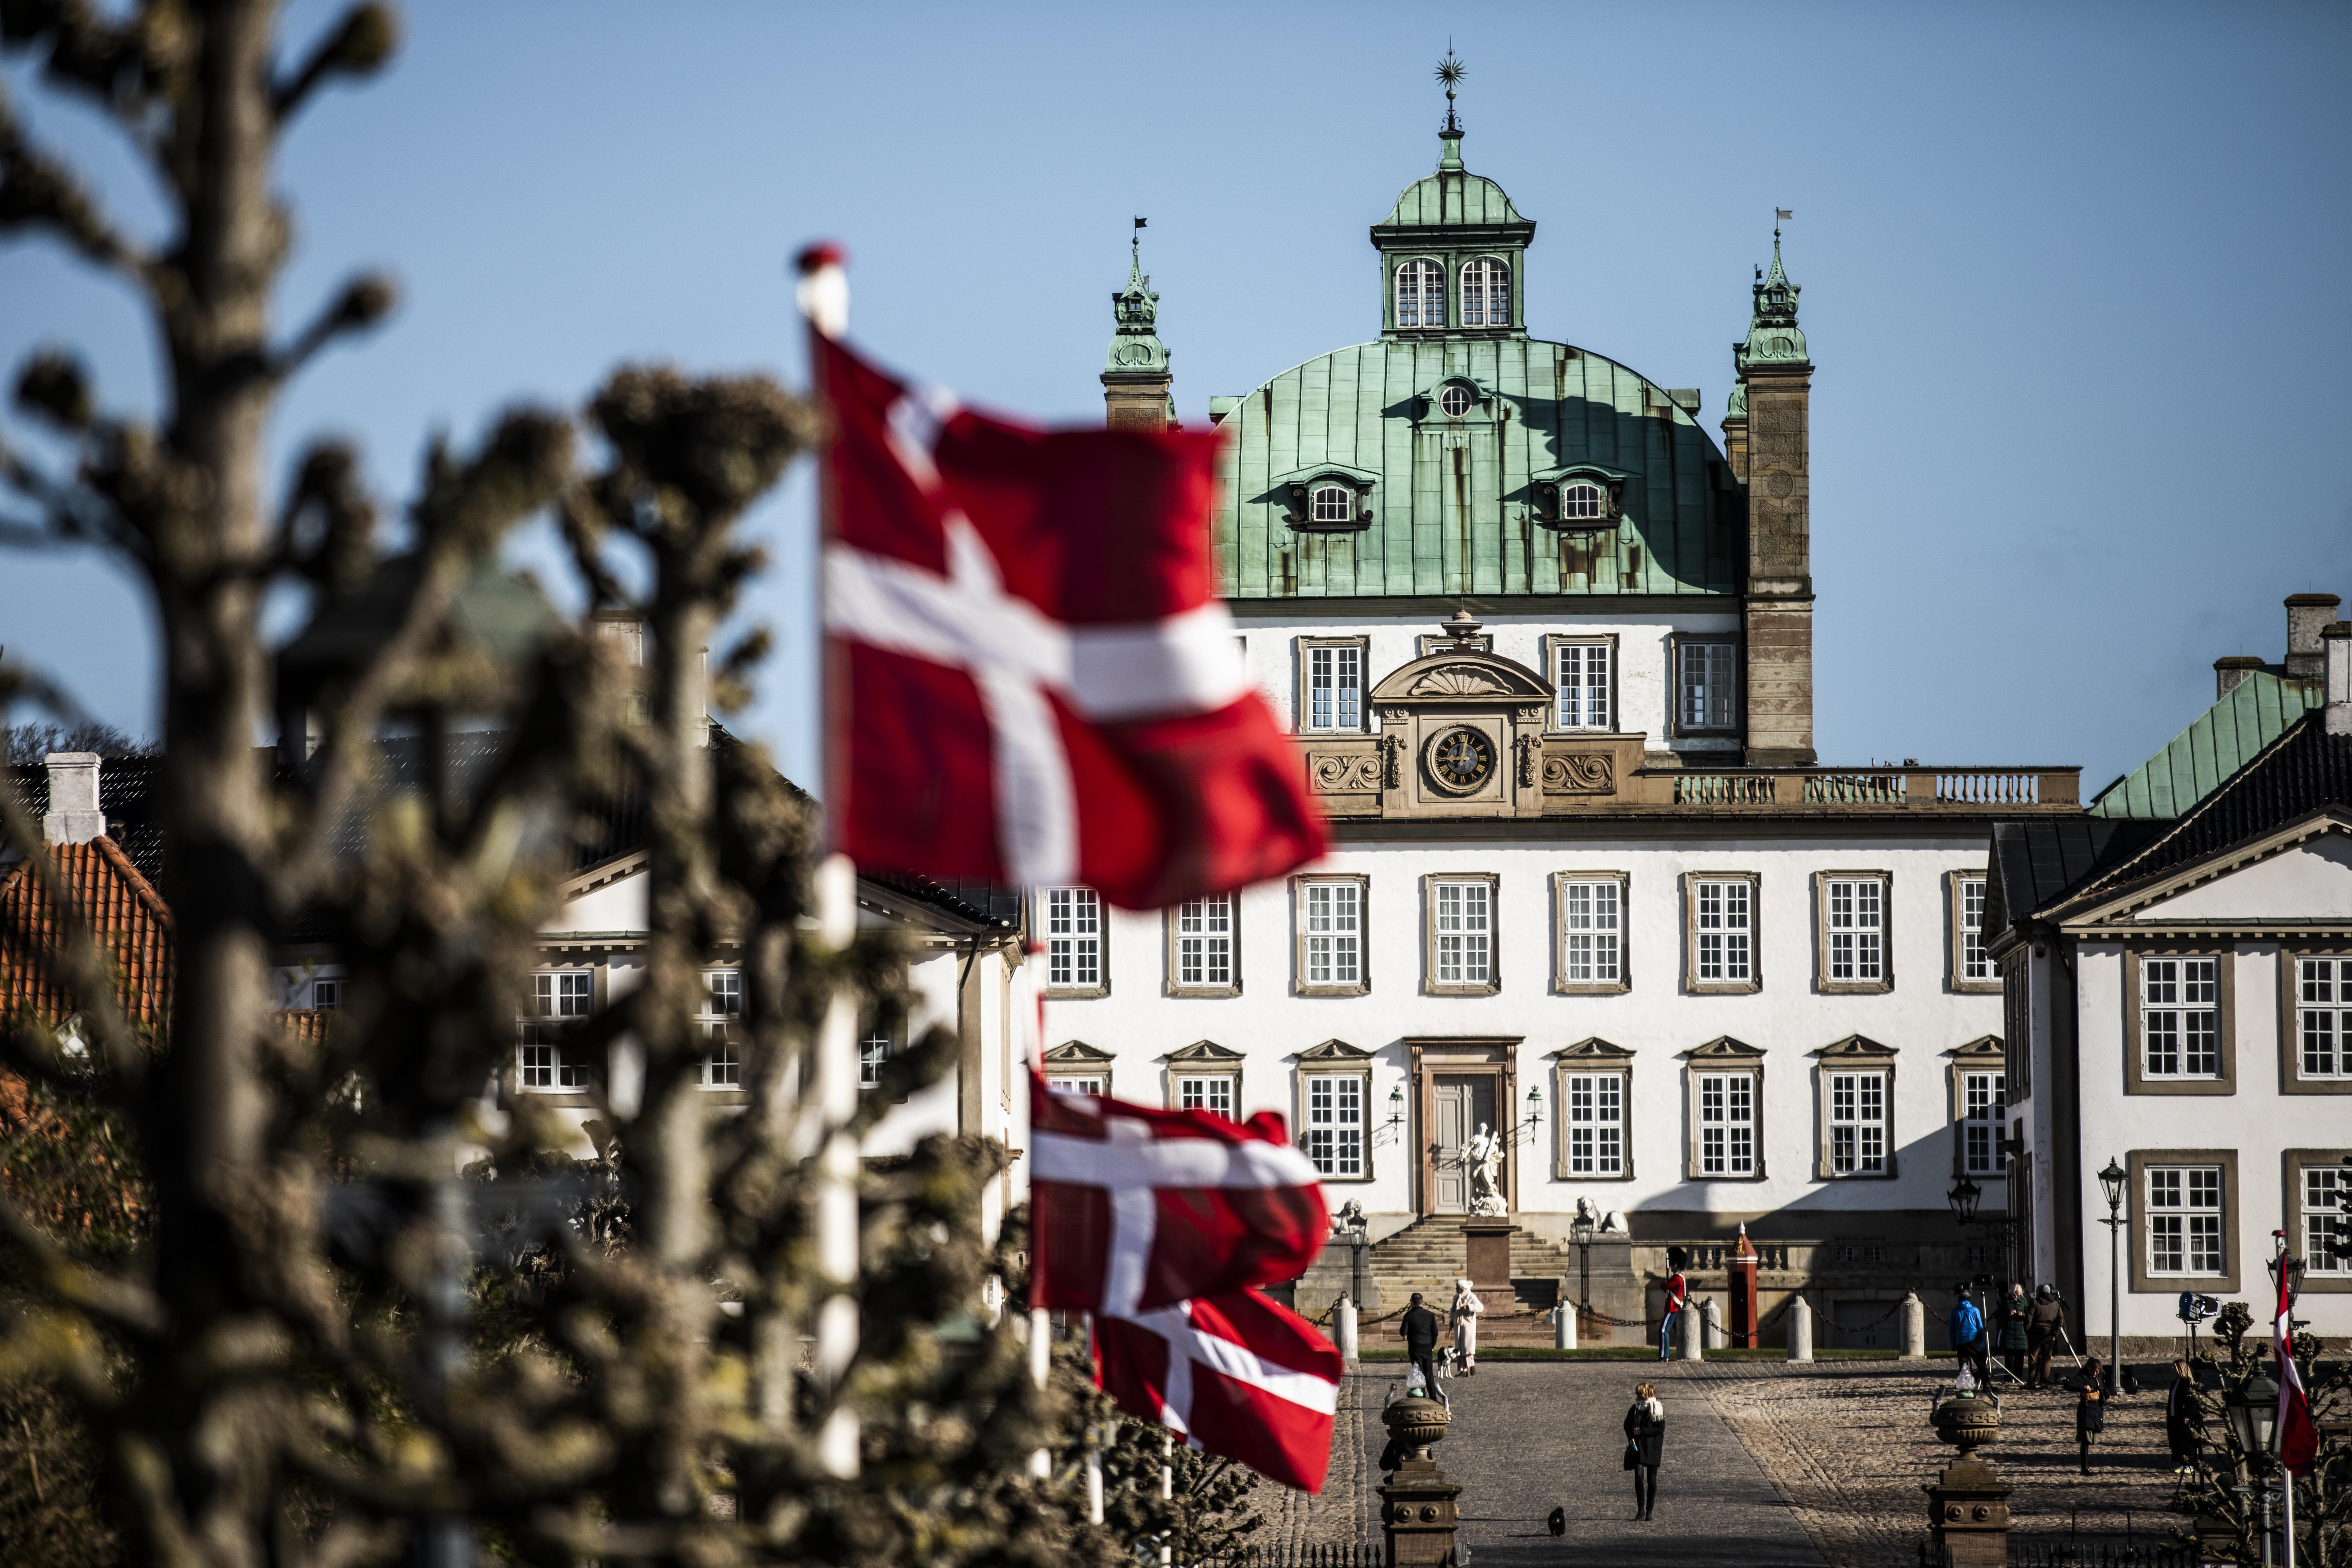 banderas danesas Palacio de Fredensborg Dinamarca